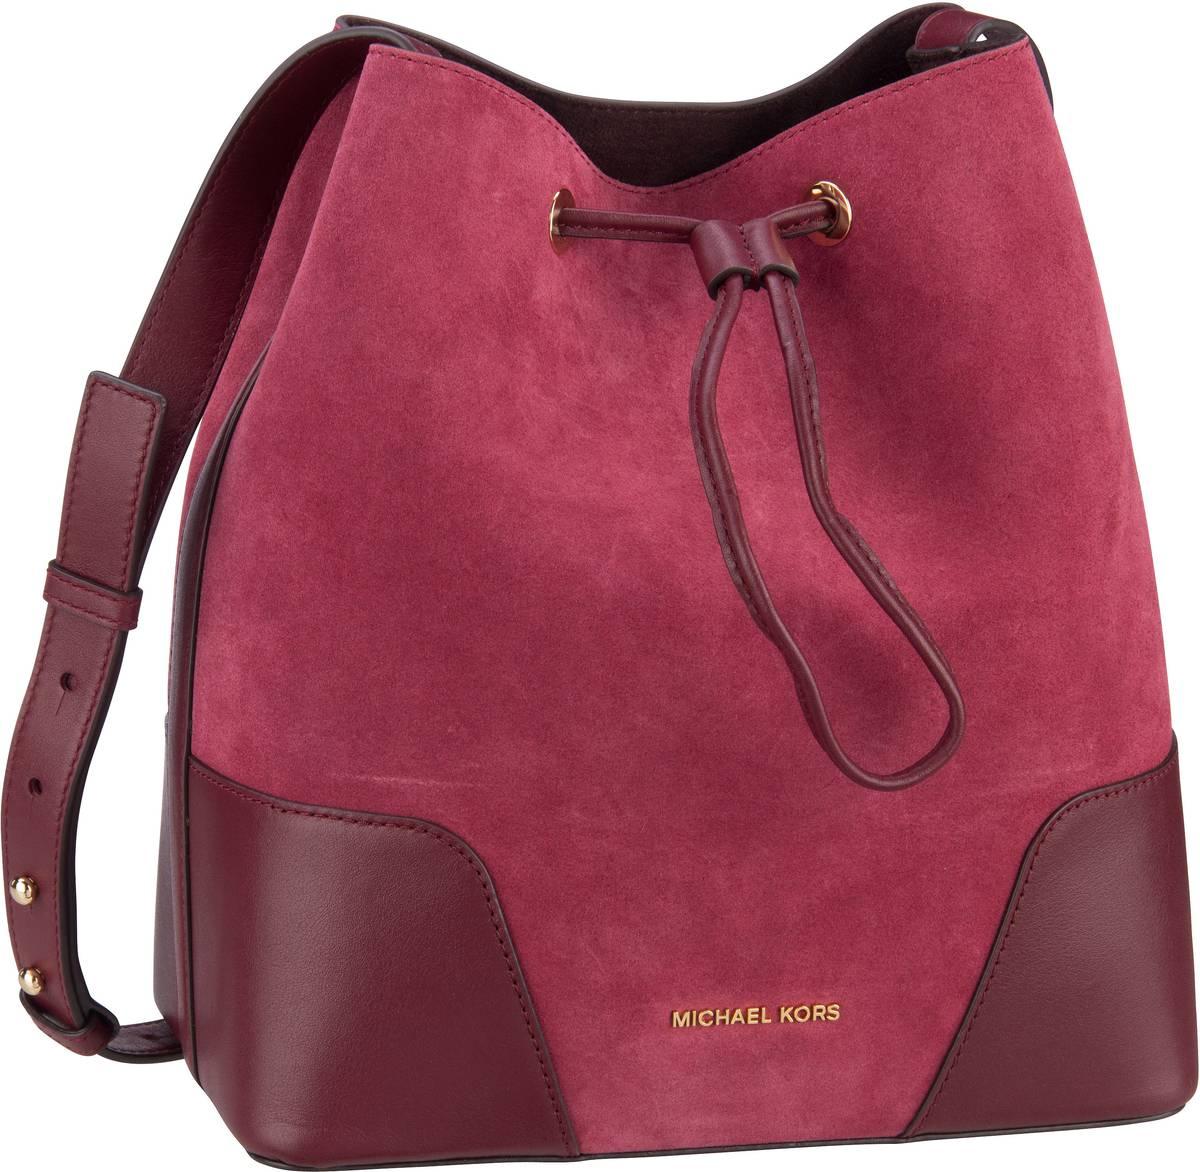 Michael Kors Handtasche Cary Medium Bucket Bag Suede Maroon/Oxblood